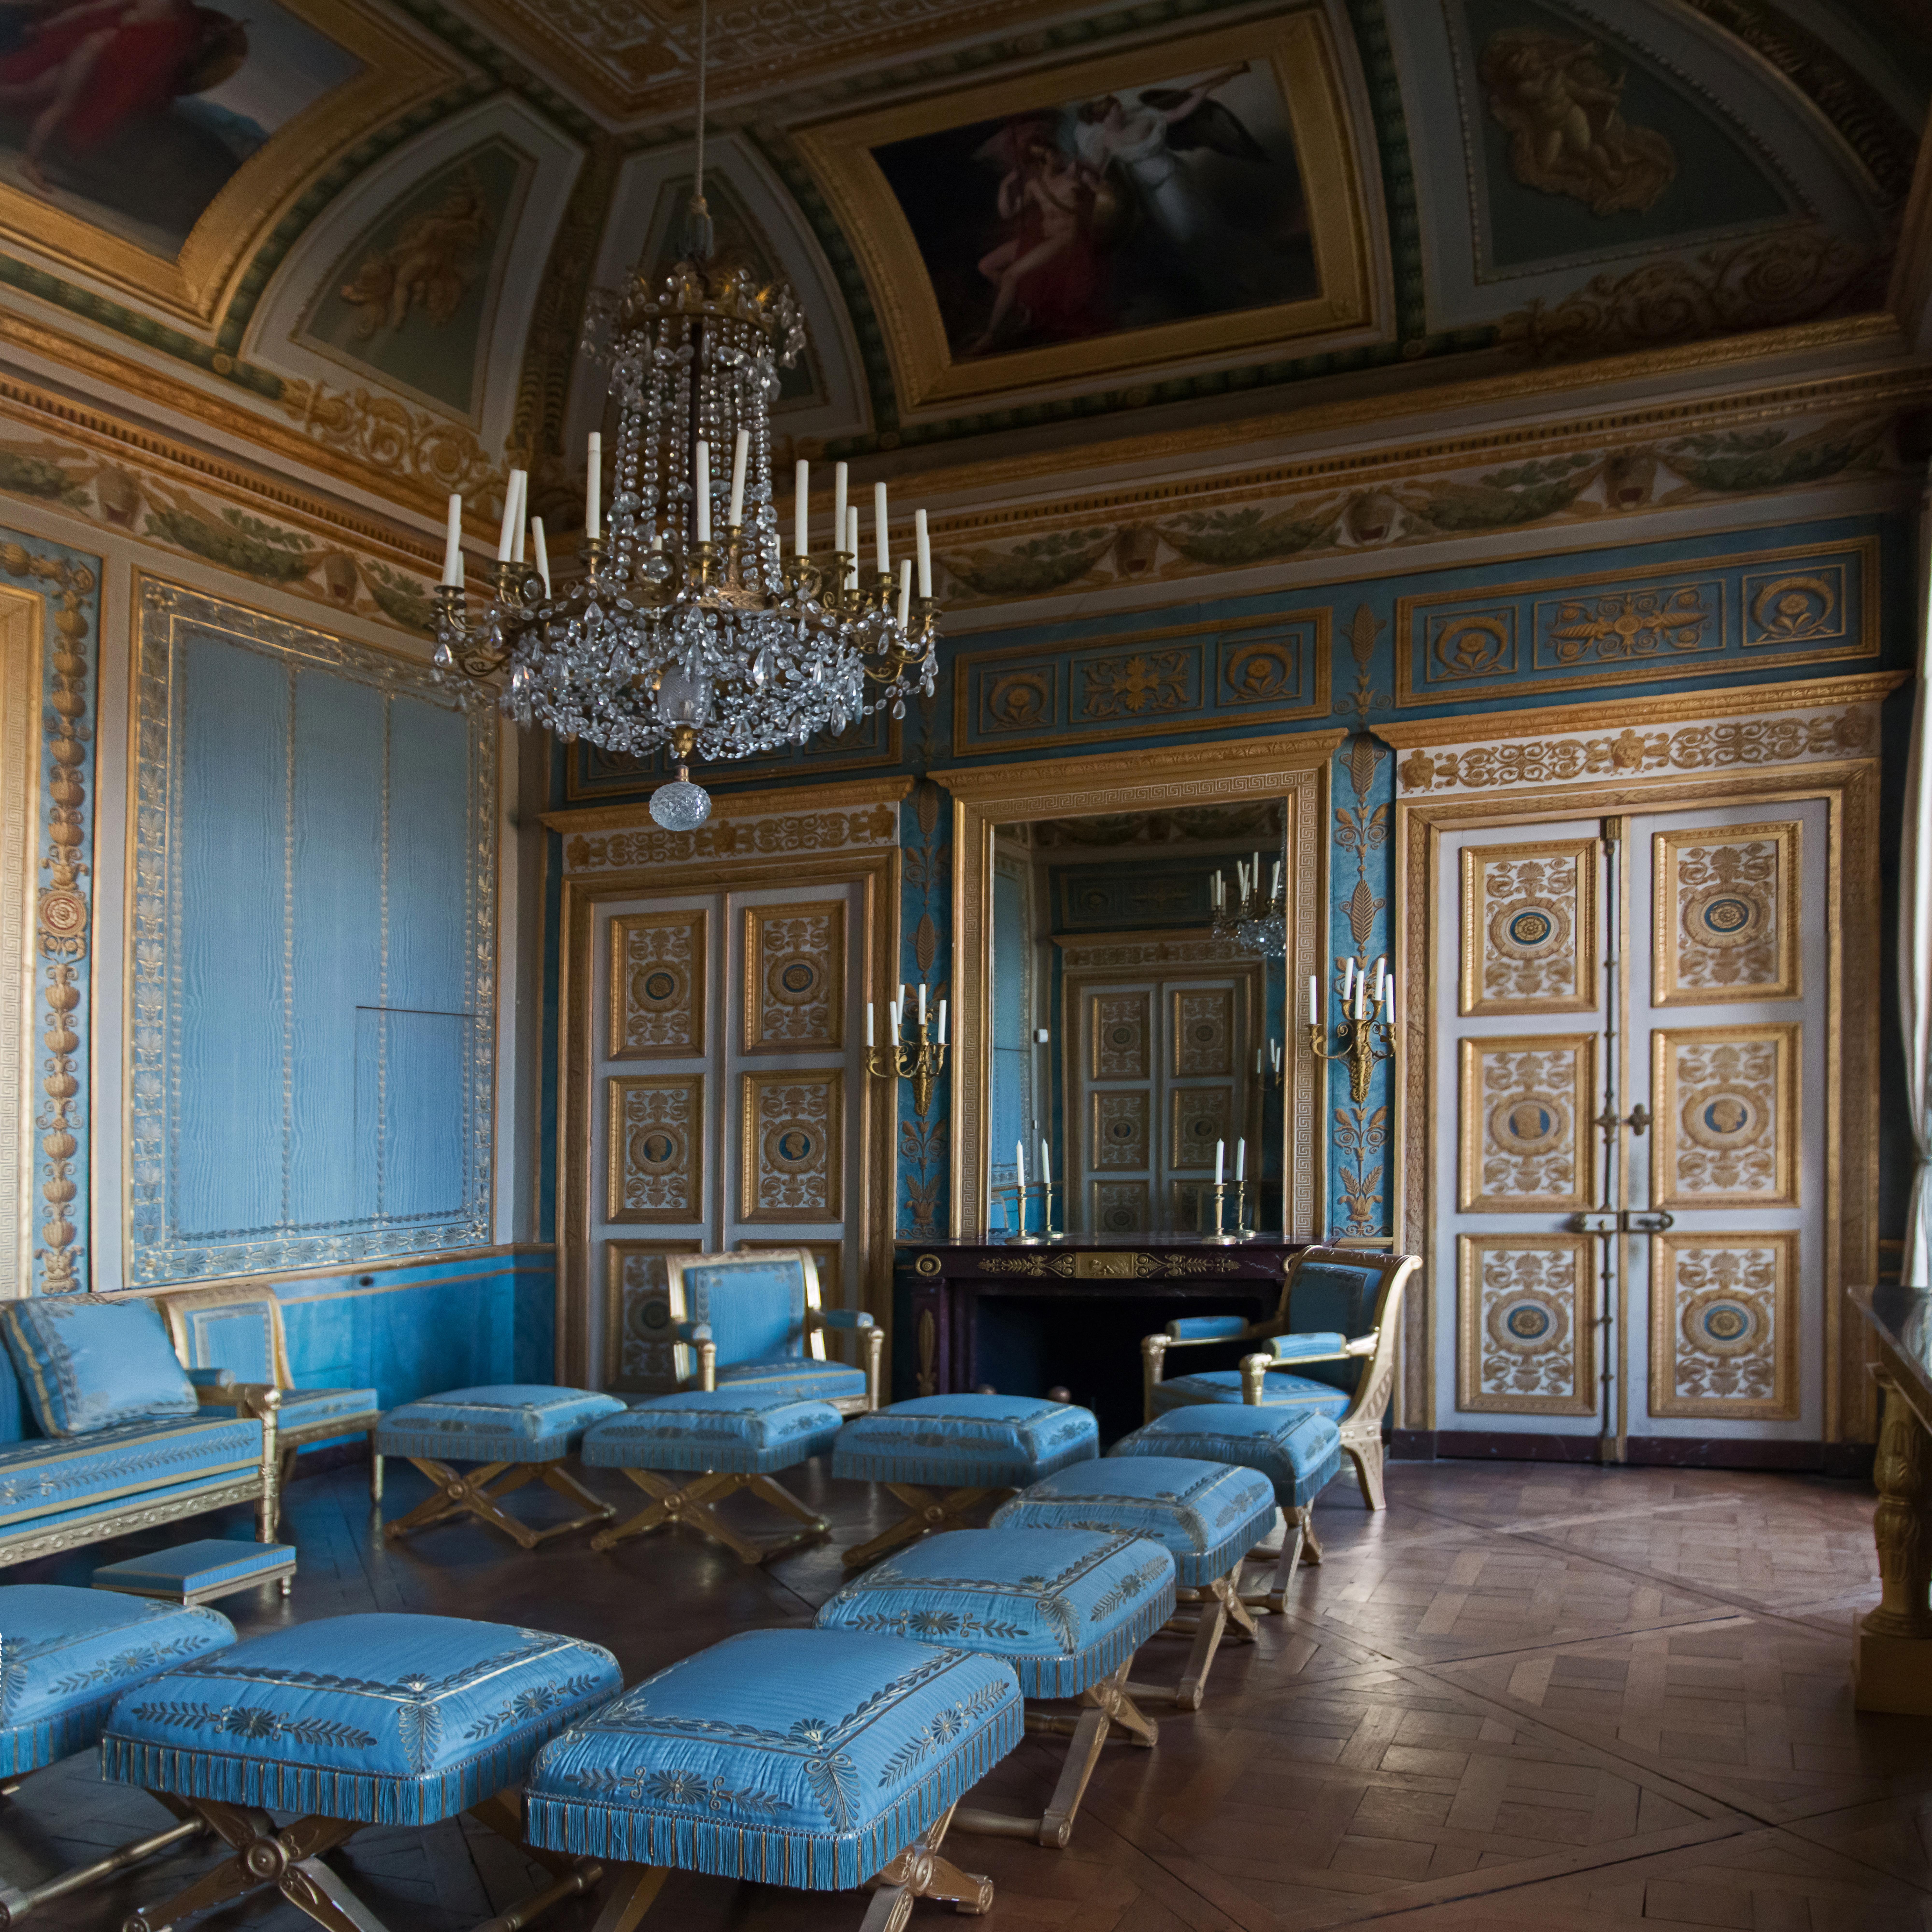 File:Château de Compiègne-Le salon bleu-20150303.jpg - Wikimedia Commons